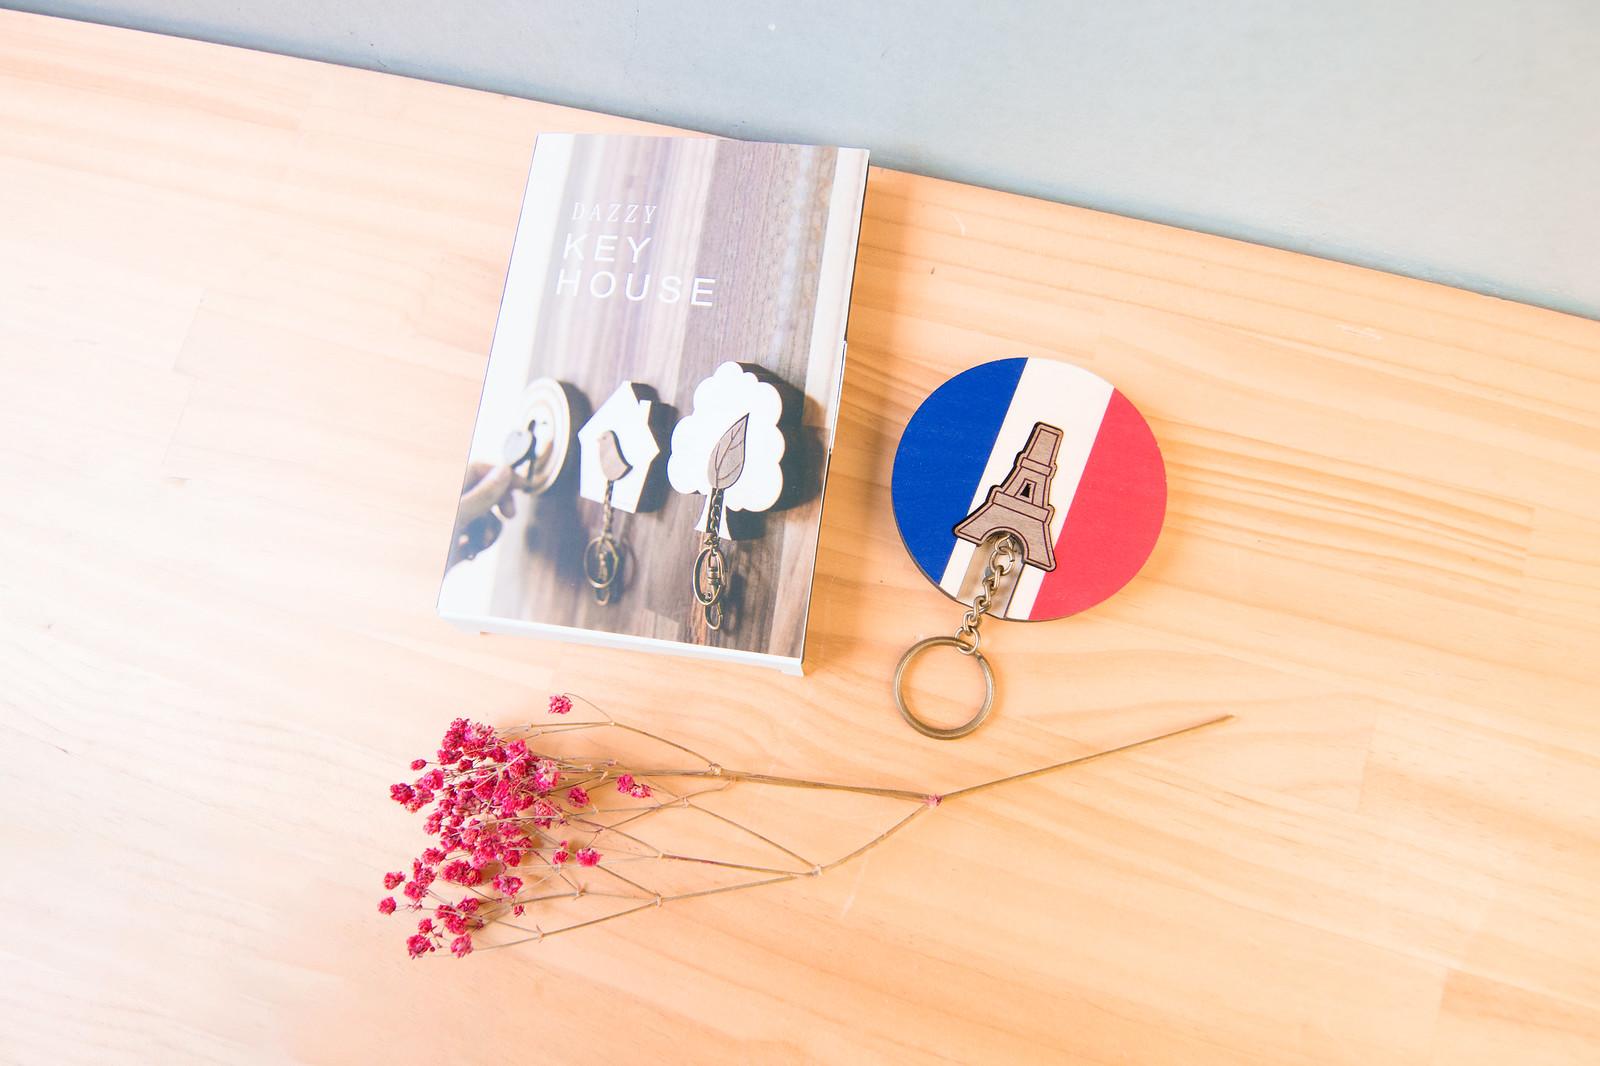 鑰匙圈 客製化 禮物 特色產品 居家 台灣設計 生日 情人節 法國 情侶 鐵塔 巴黎 文化 傳統 療癒 聖誕節 收納 裝飾 吊飾 送禮 中性 木 楓木 胡桃木 鑰匙